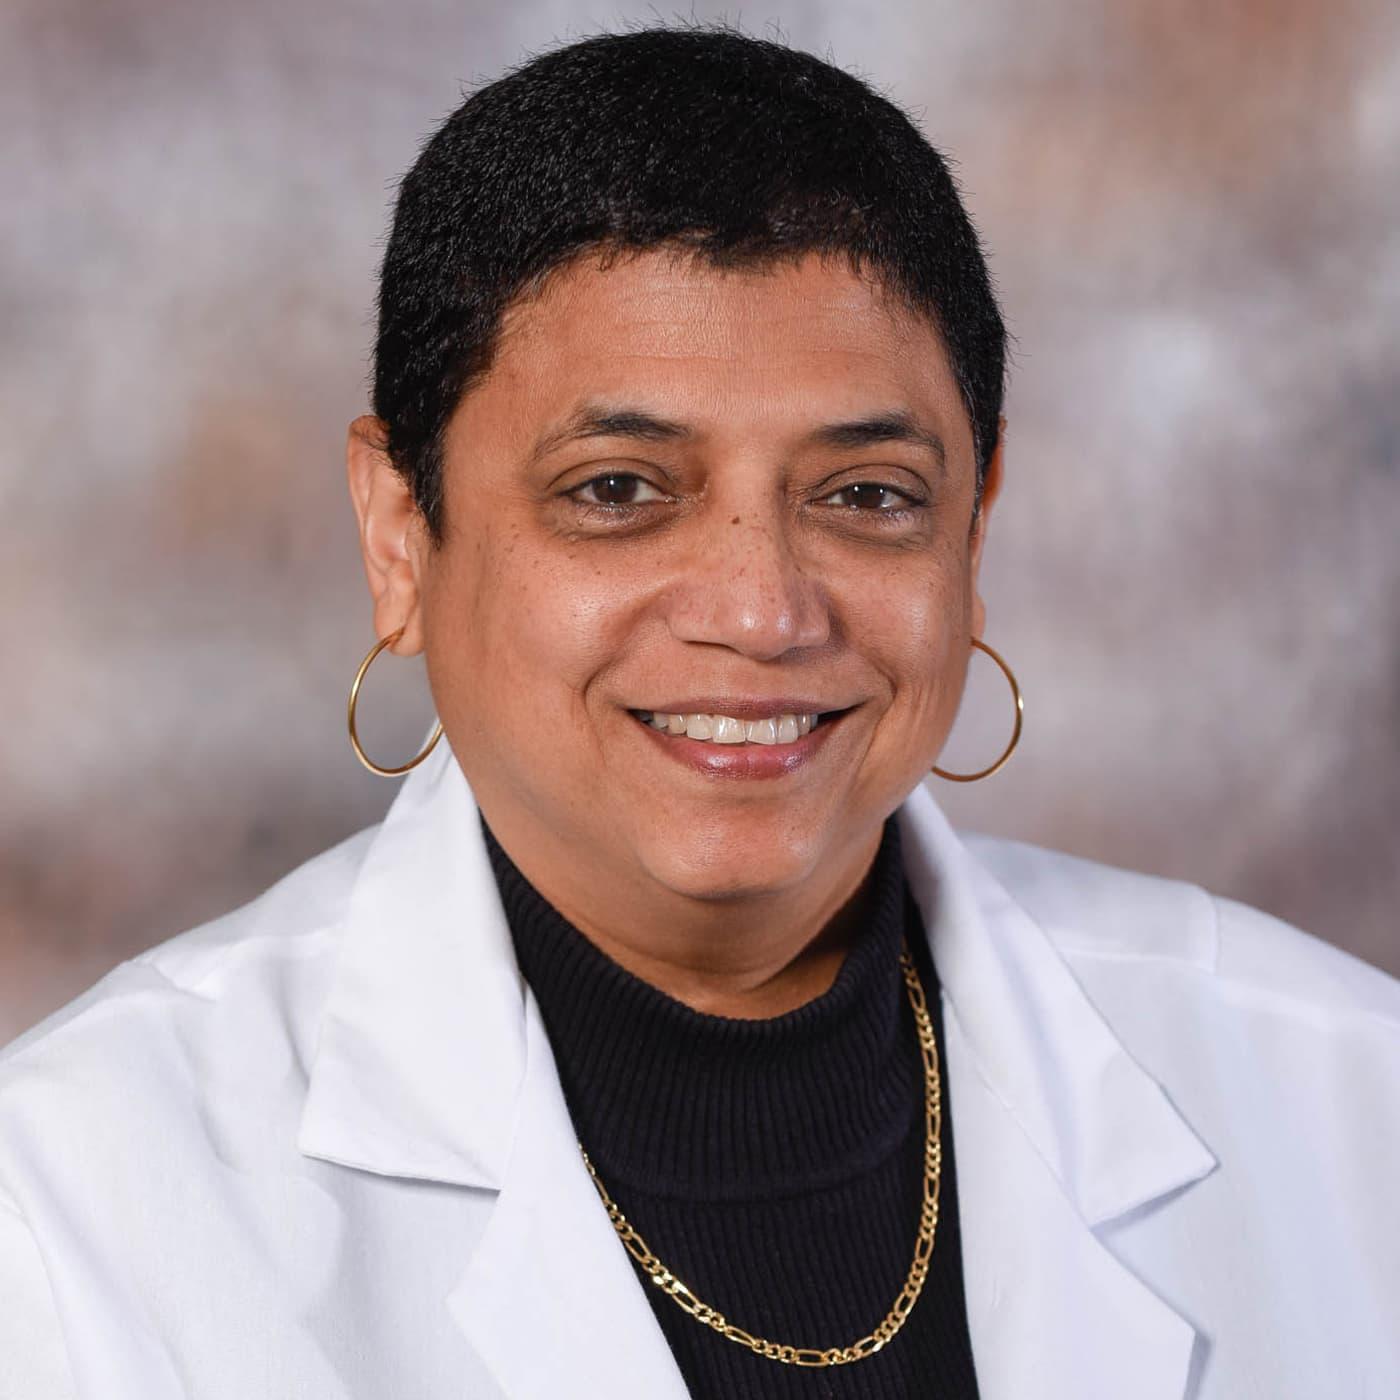 dr_romero